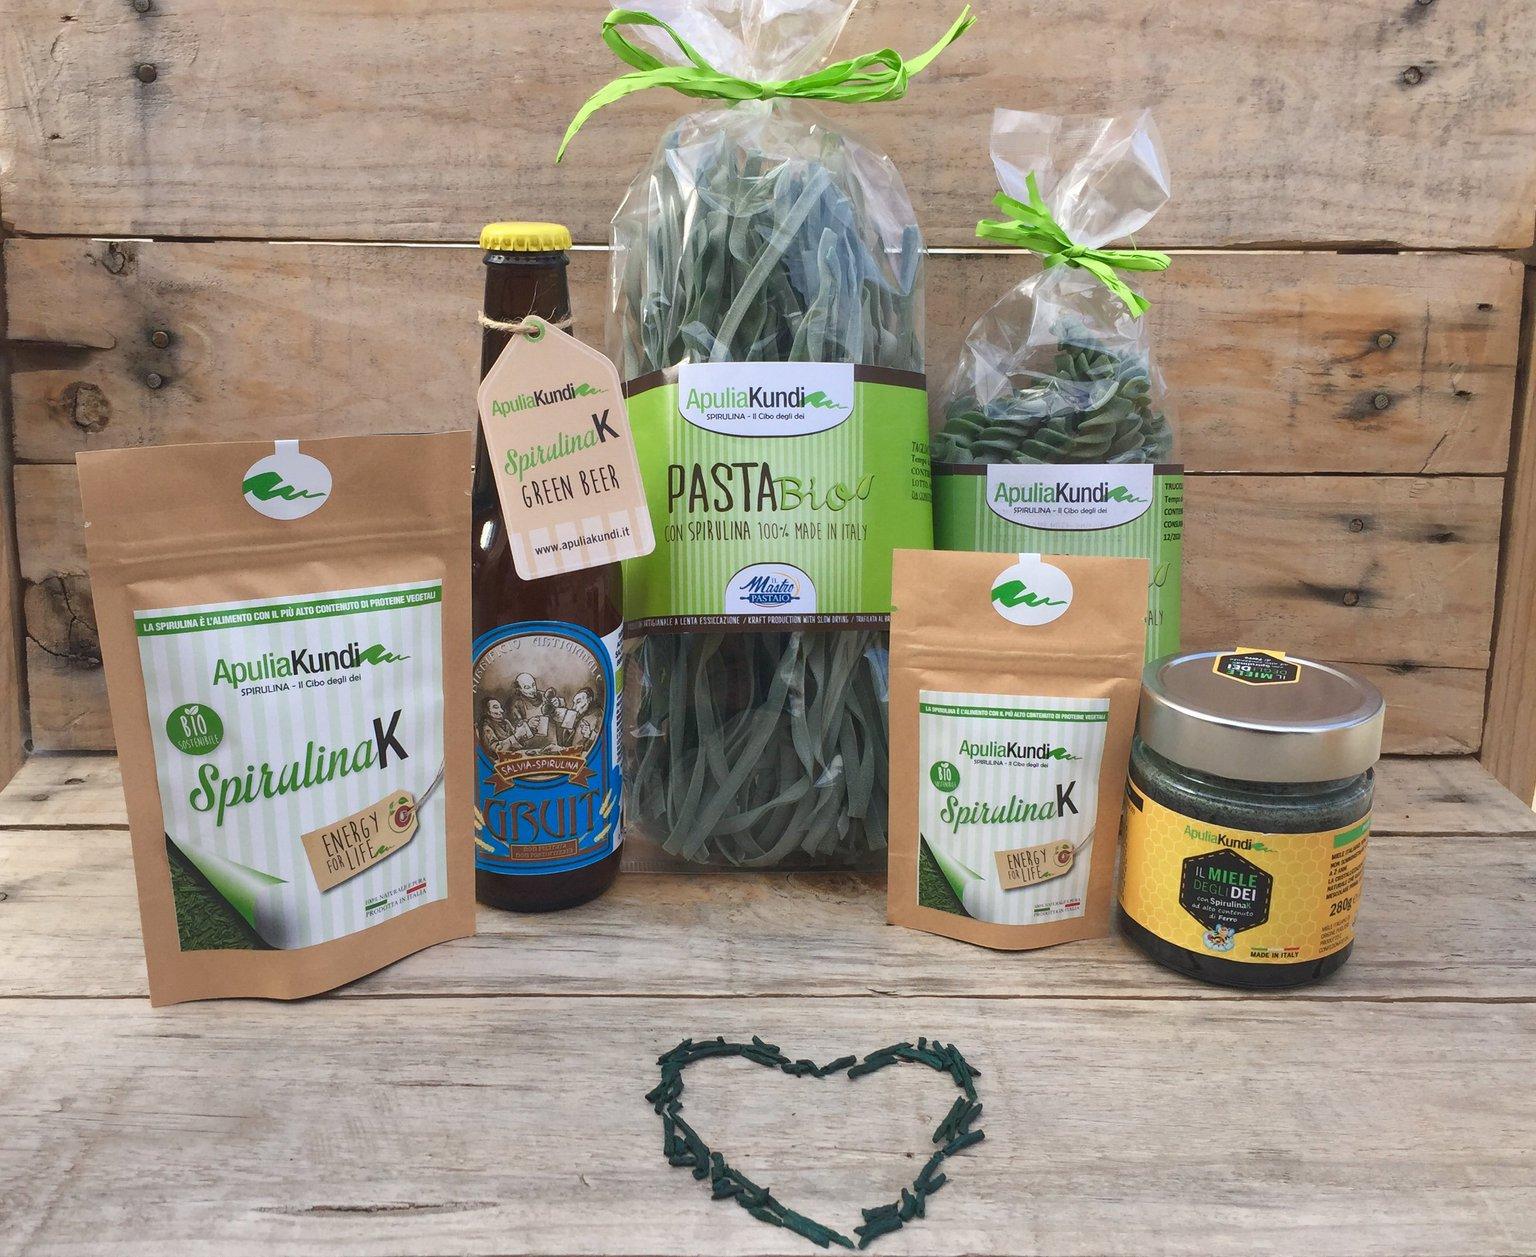 I prodotti di Apulia Kundi